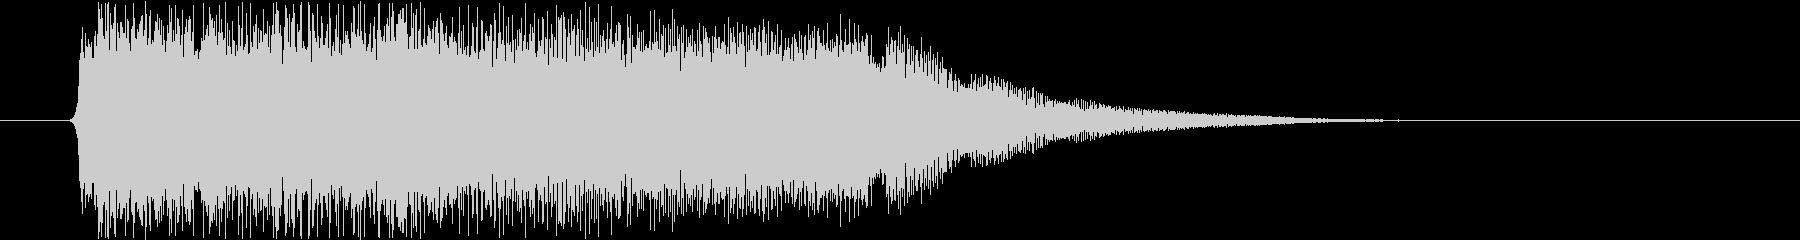 疾走感のあるパンクサウンドジングルの未再生の波形